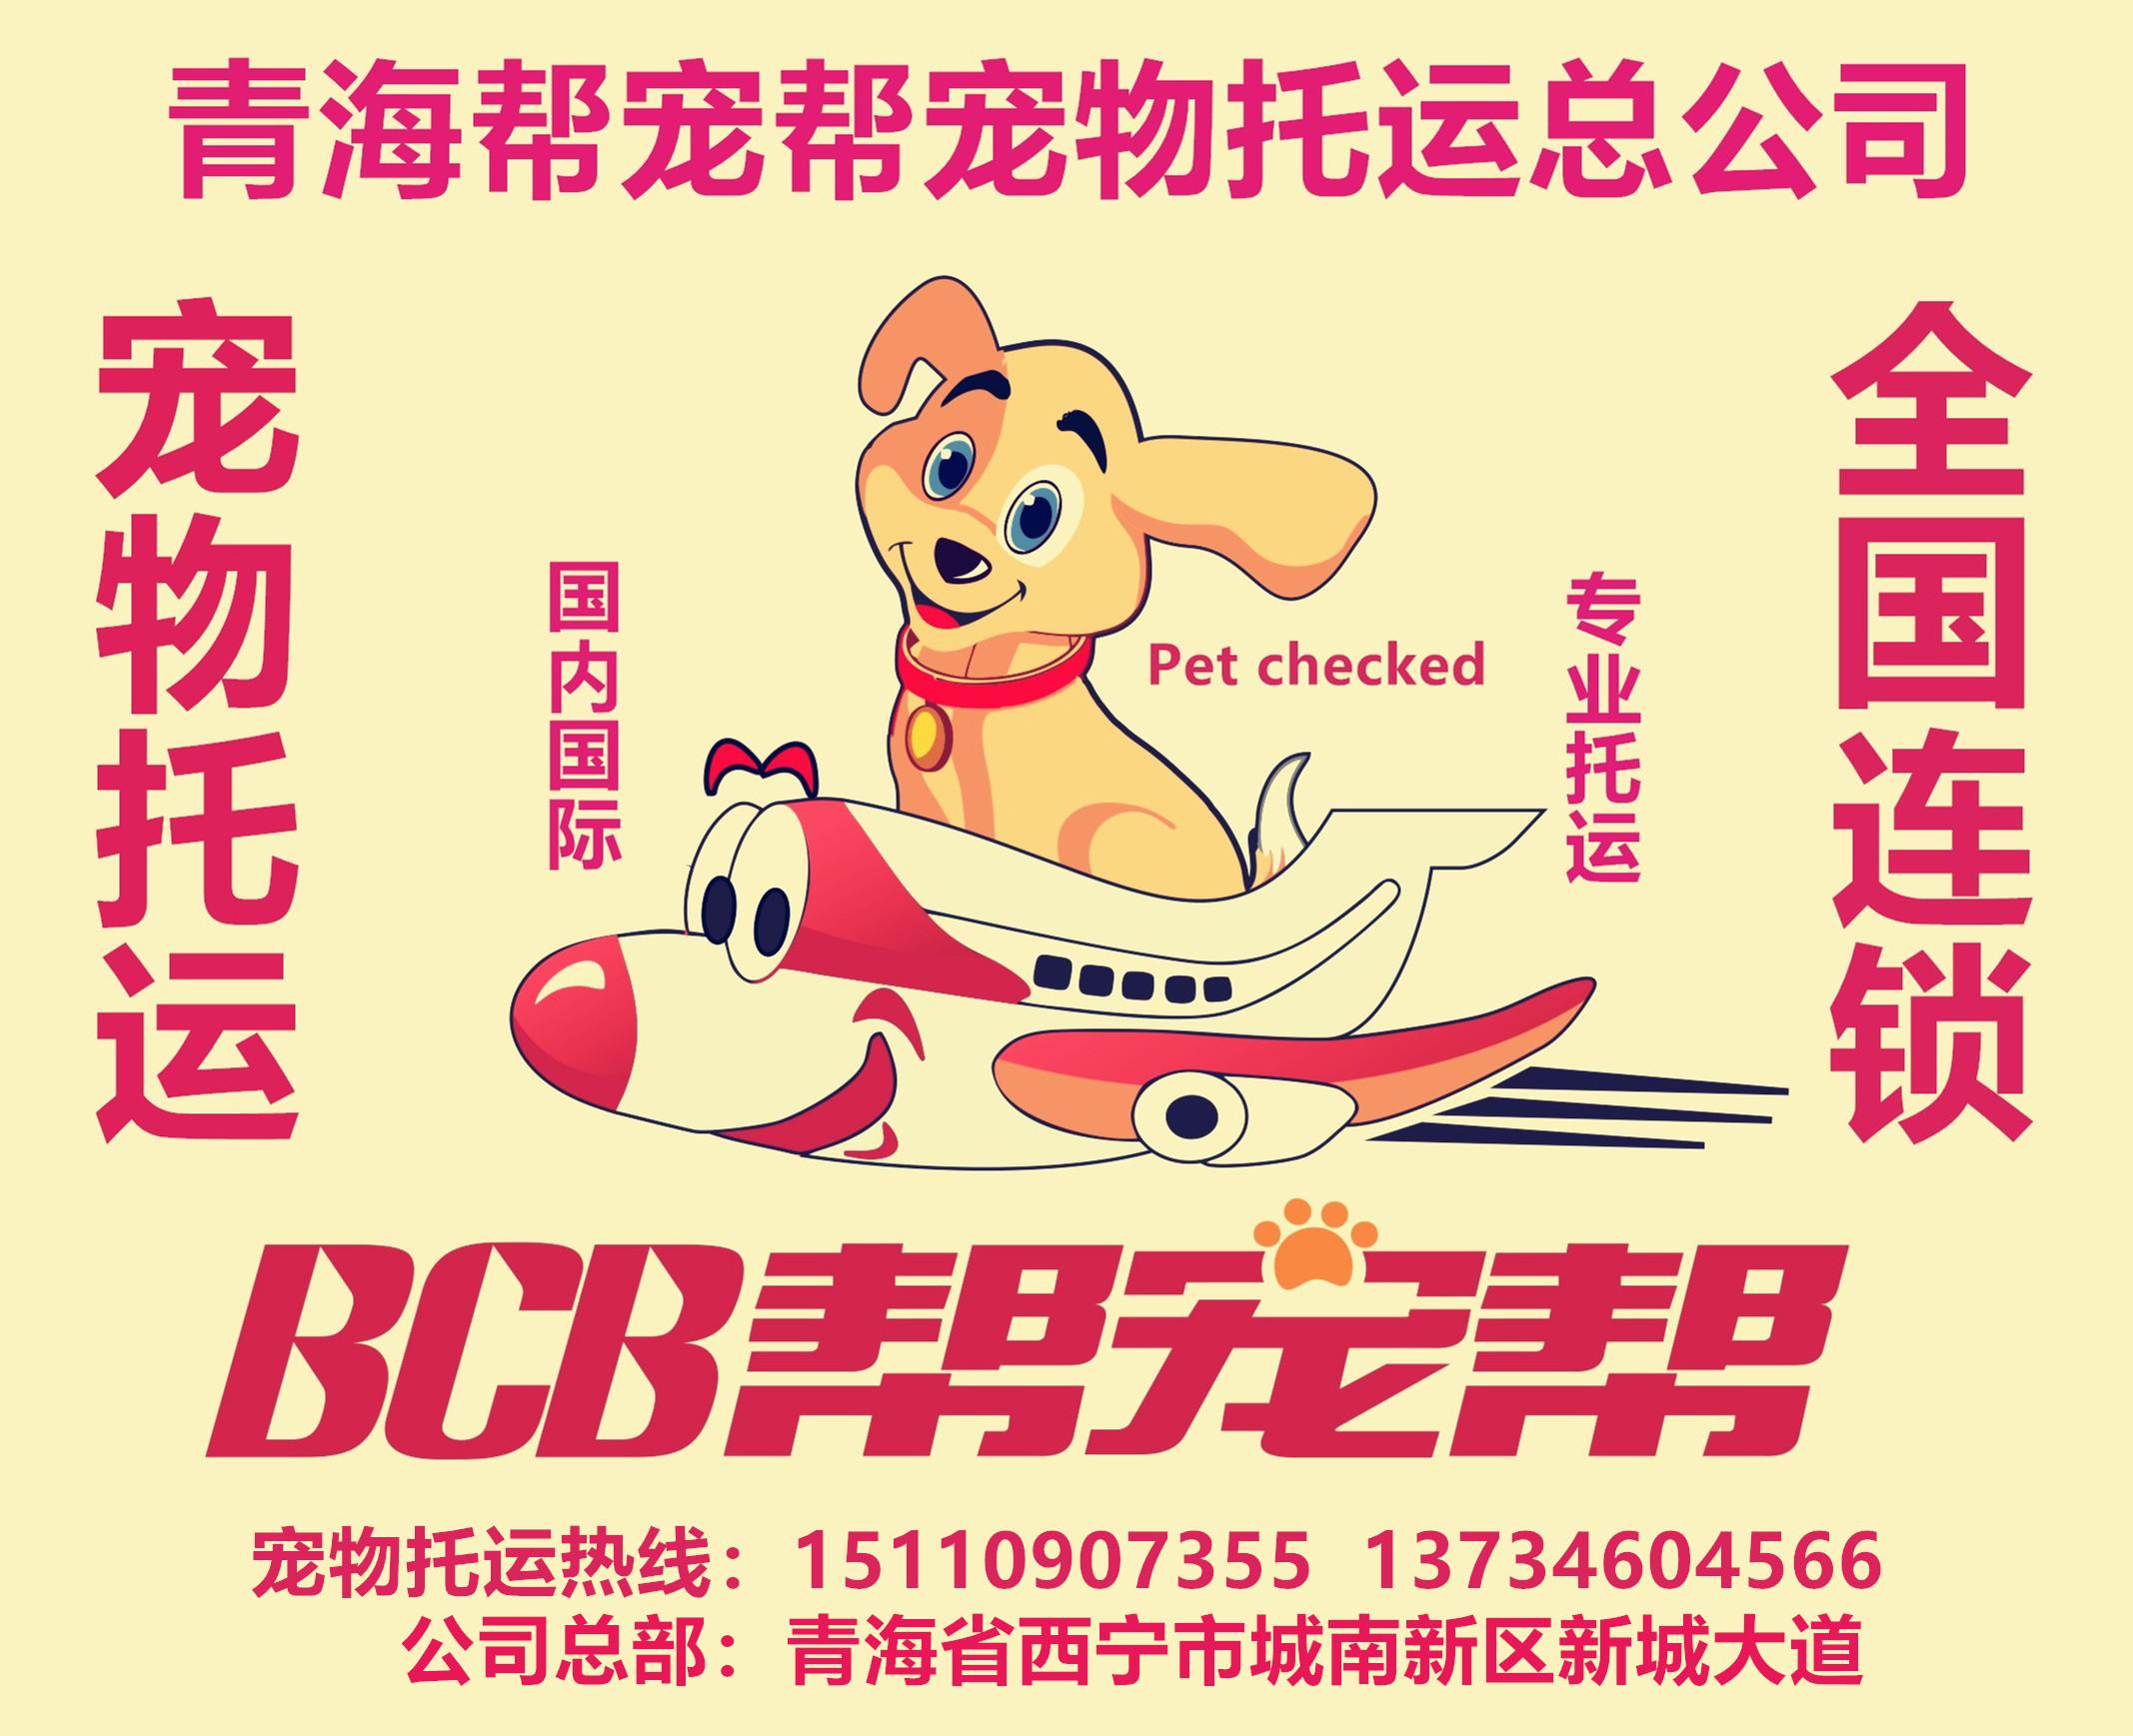 西宁宠物托运哪家好?西宁帮宠帮宠物托运公司